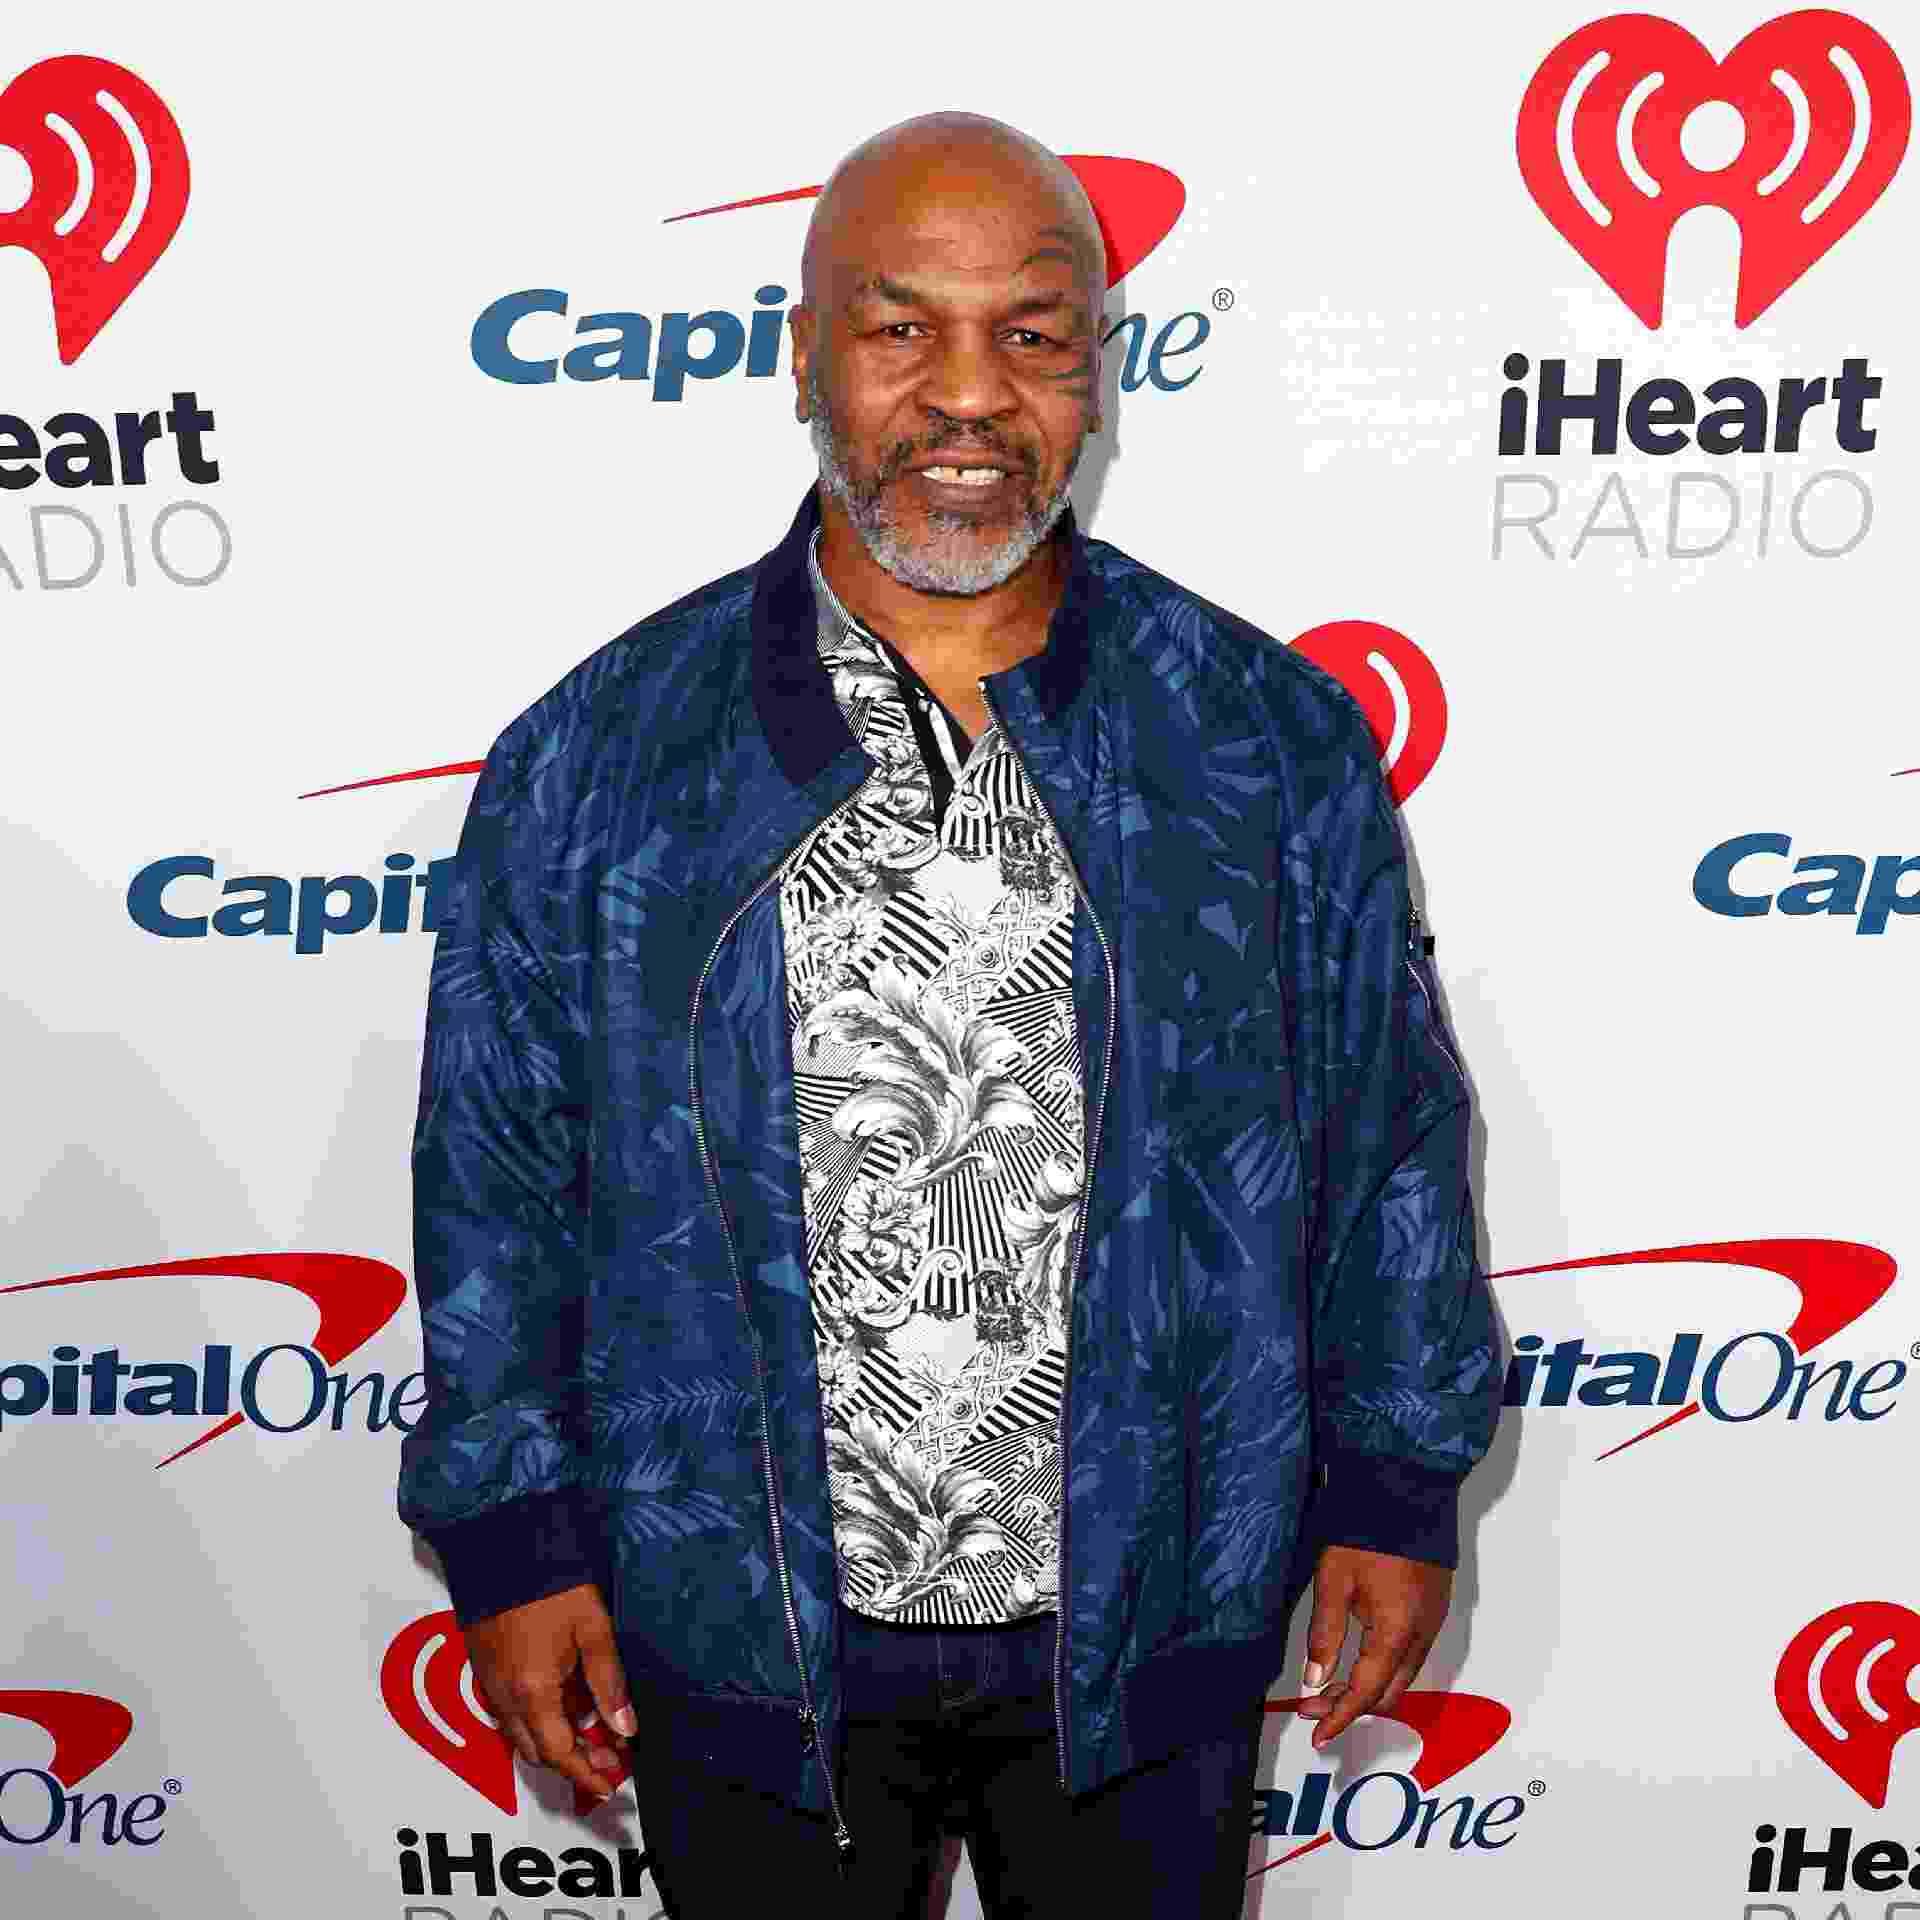 Mike Tyson em evento na iHeartRadio em Burbank, California, em janeiro de 2019 - Joe Scarnici/Getty Images for iHeartMedia